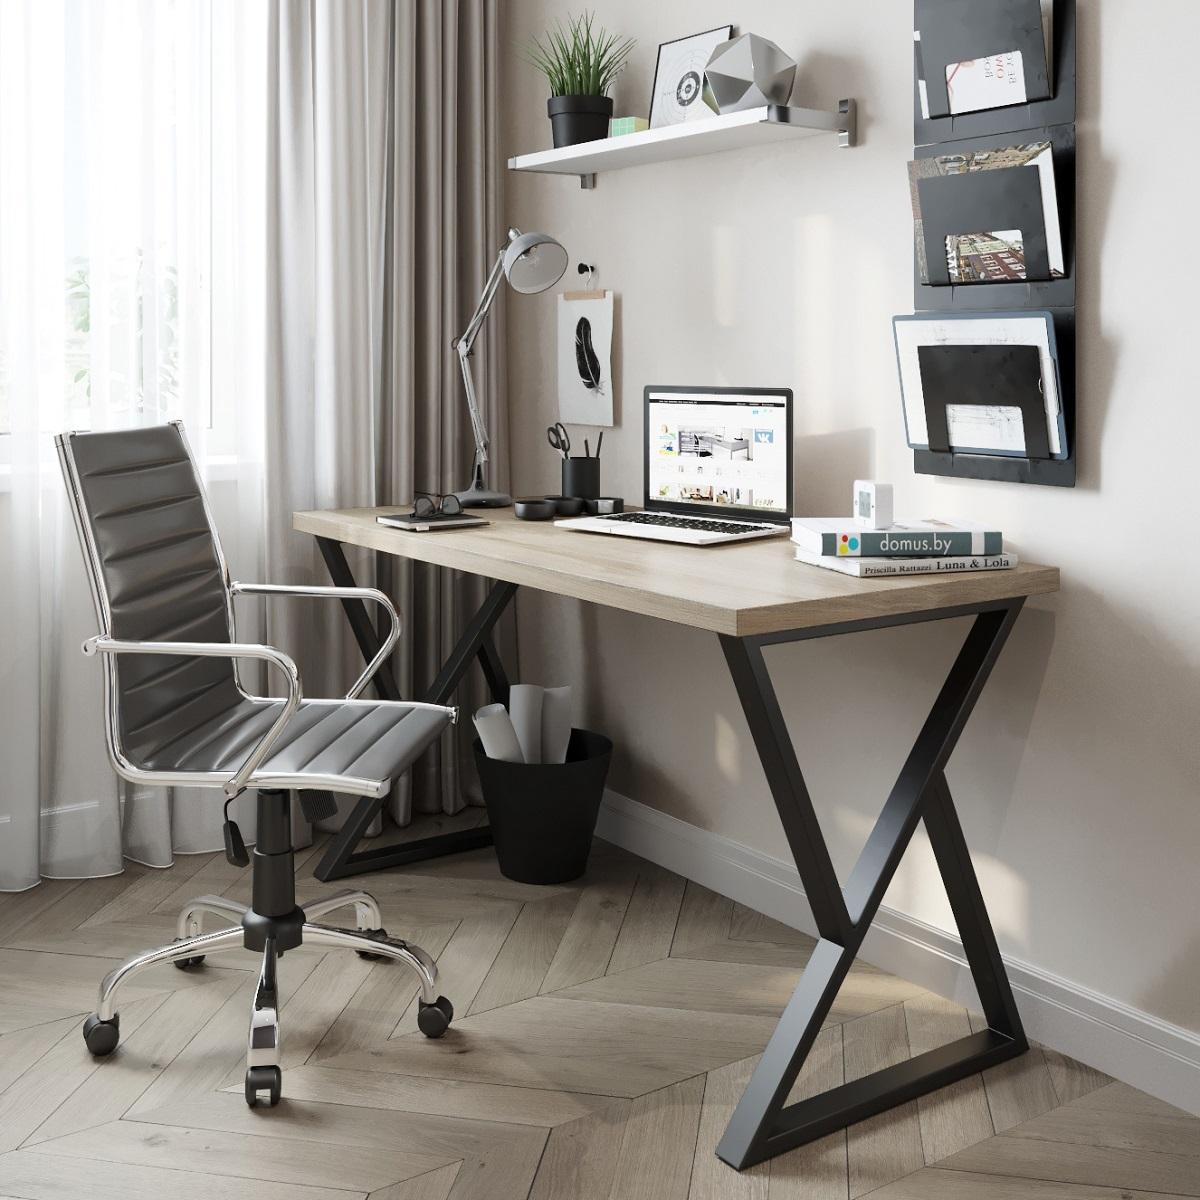 Письменный стол ДОМУС СП014 вяз светлый/металл черный